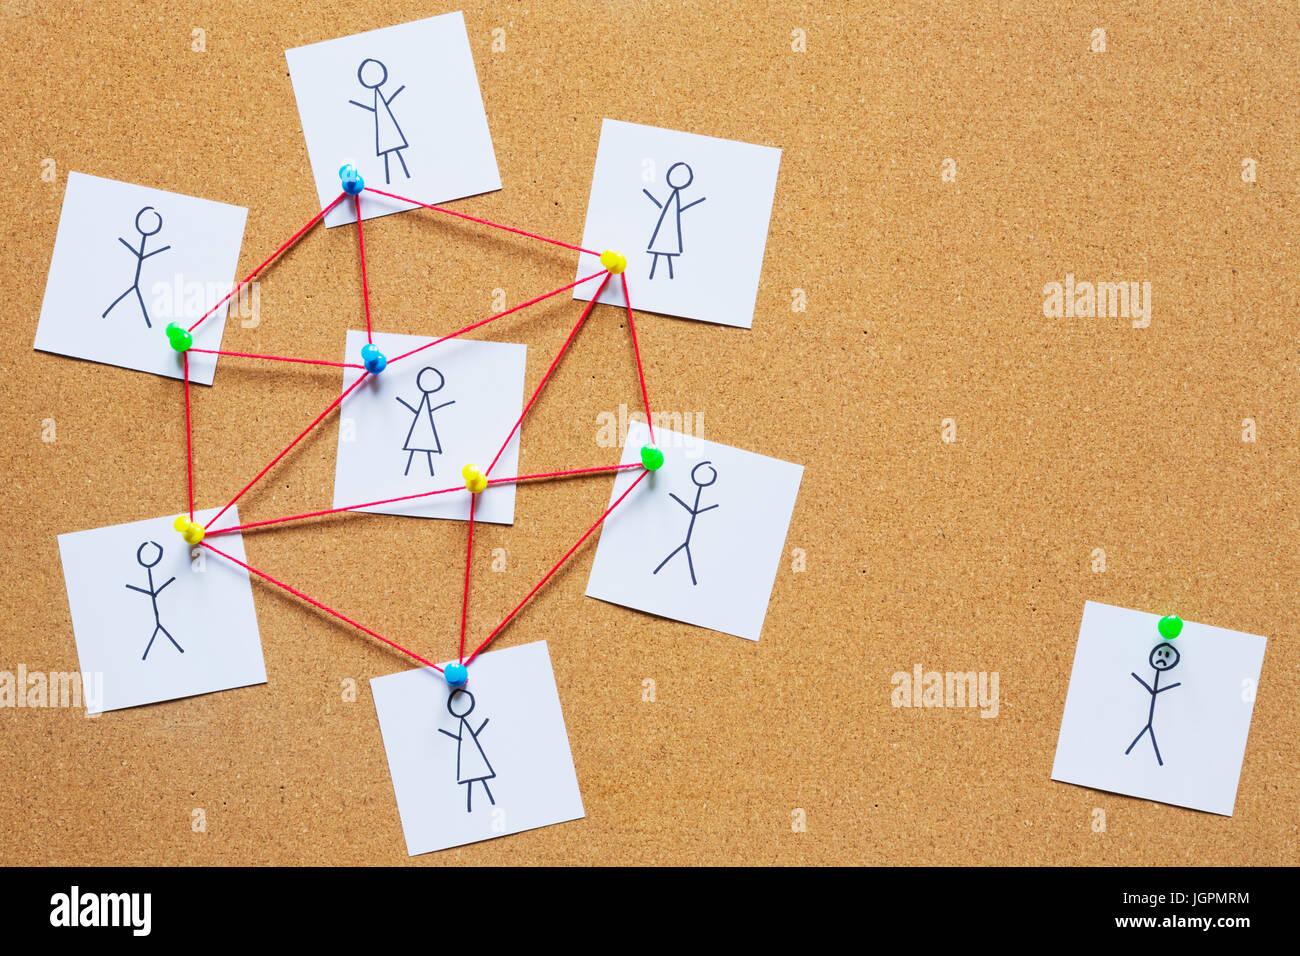 Visualizzazione di una singola persona non appena nel gruppo su un tappo di sughero bulletin board. Immagini Stock